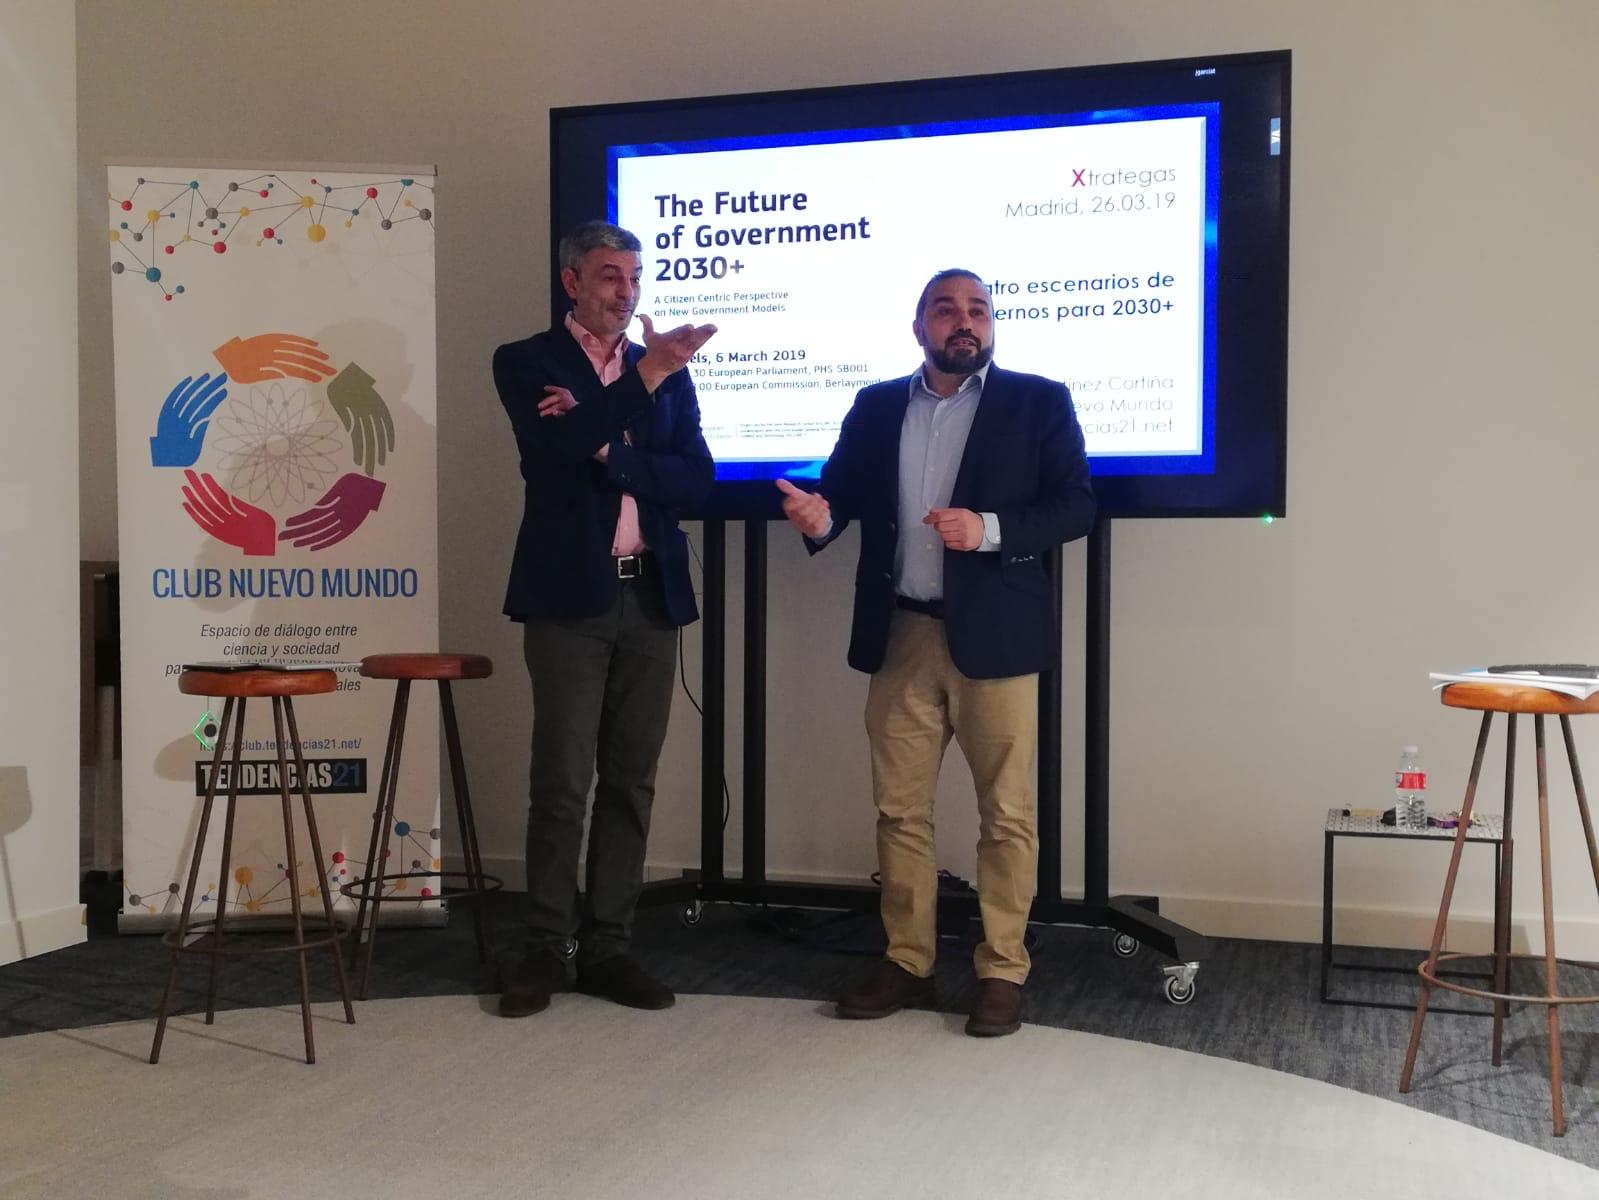 Rafael Martínez-Cortiña (izda.) y Juan Zafra, en un momento de la presentación. Foto: Xtrategas.